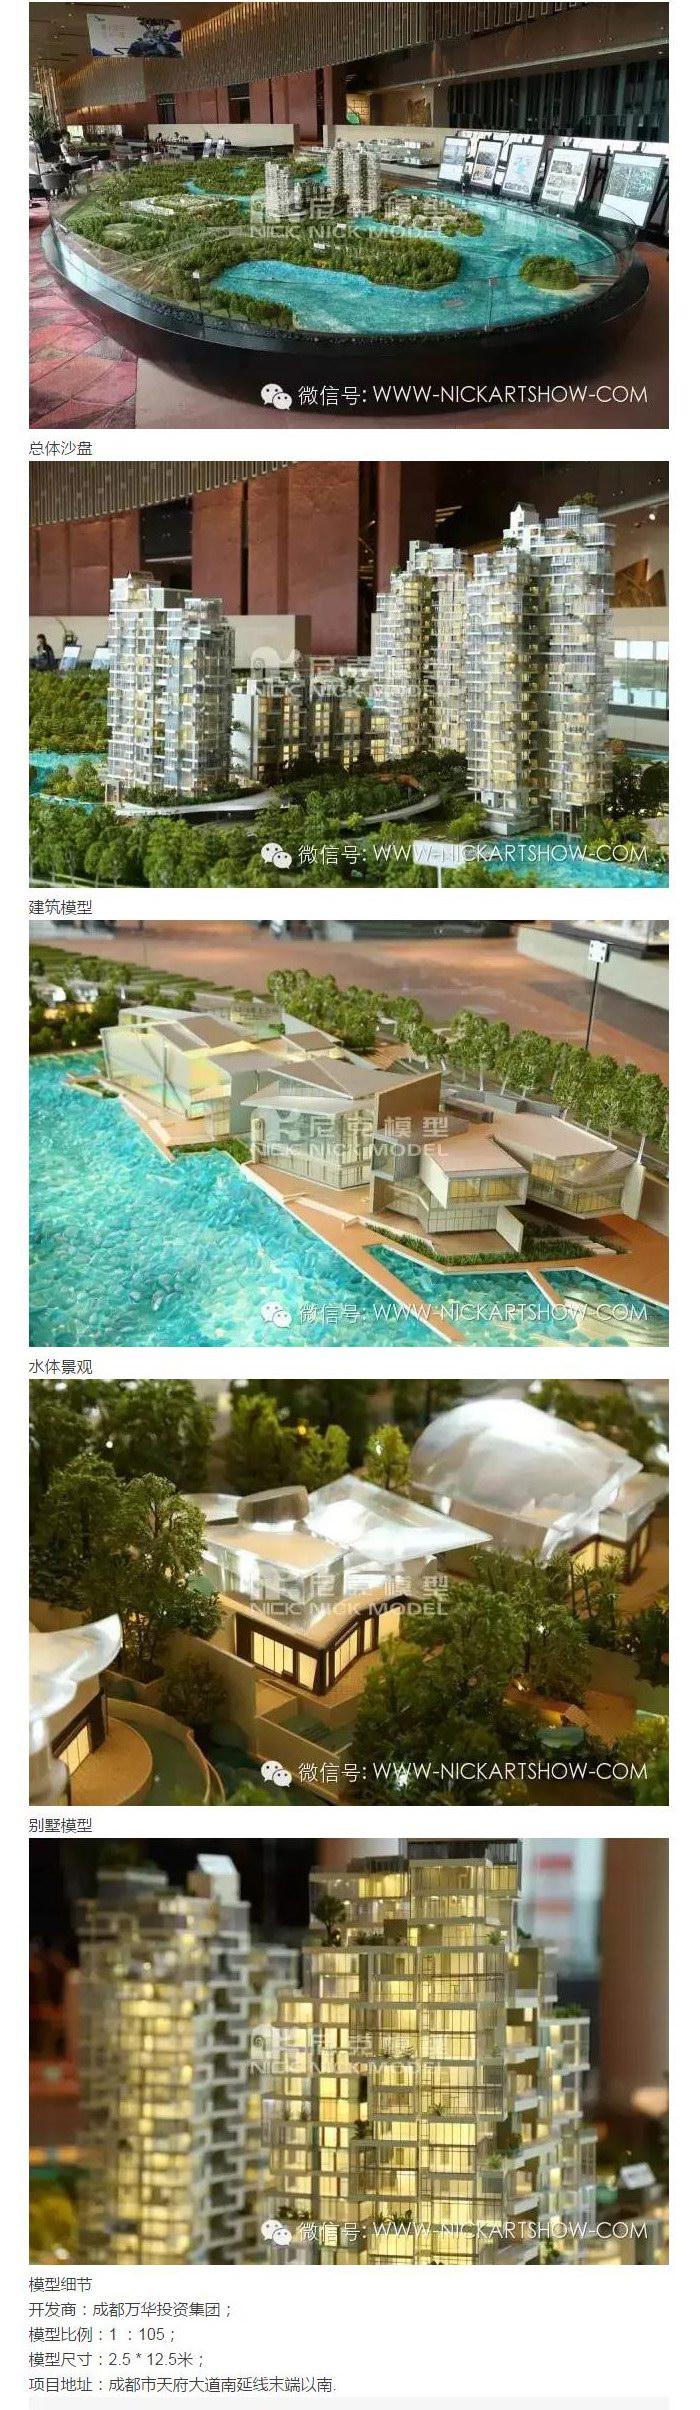 尼克作品:成都万华集团·麓湖生态城项目沙盘展示.jpg